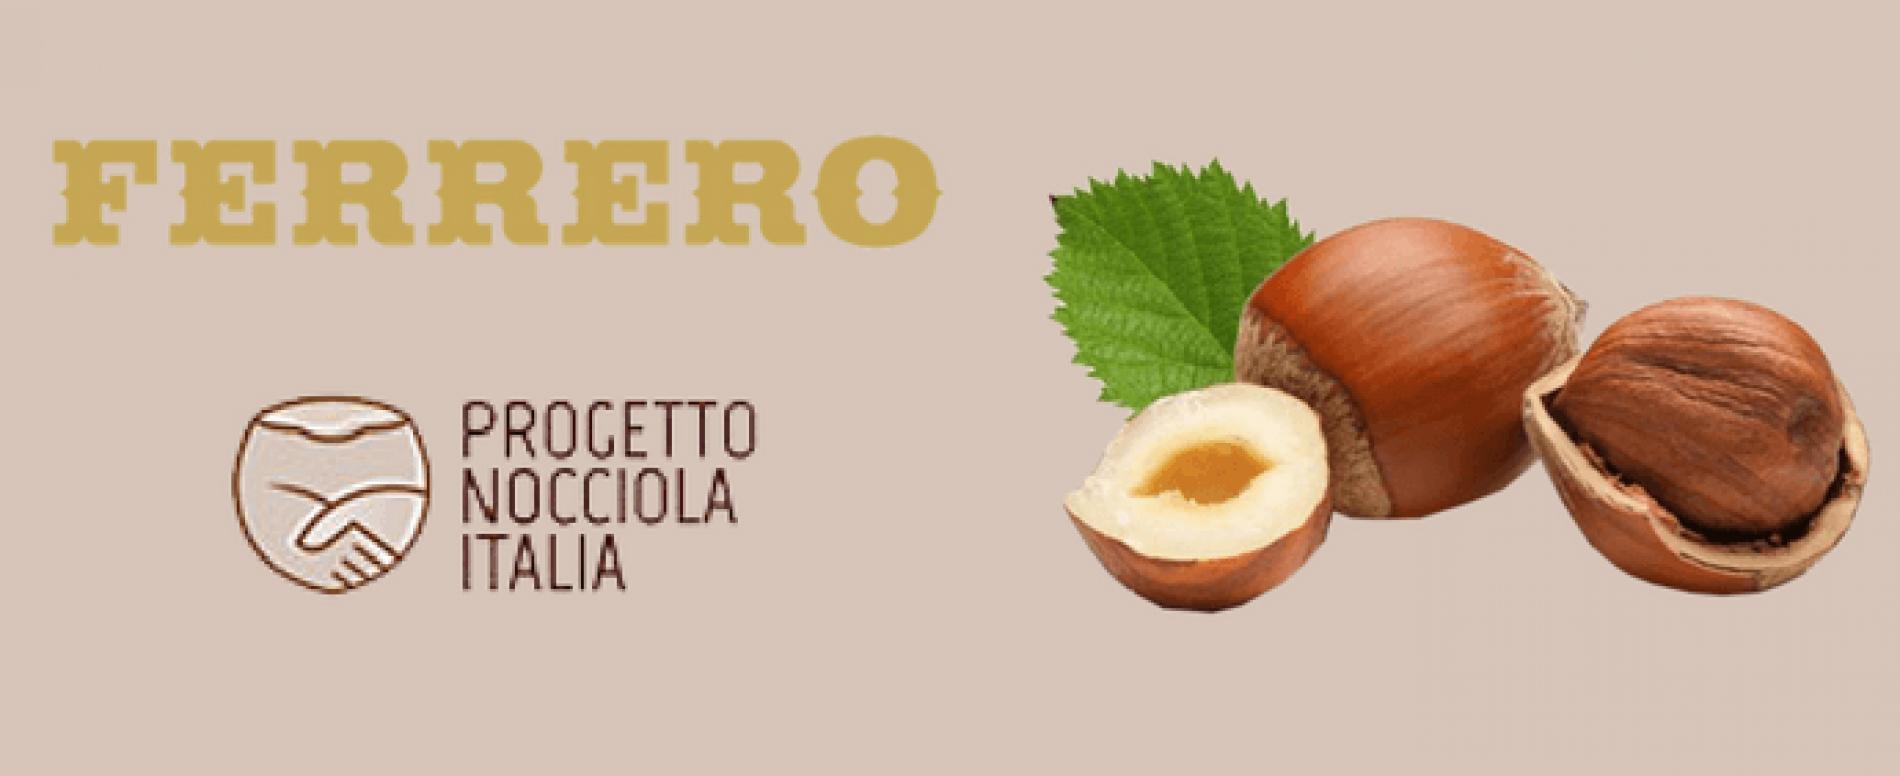 """Ferrero. Le nocciole irpine entrano nel """"Piano Nocciola Italia"""""""